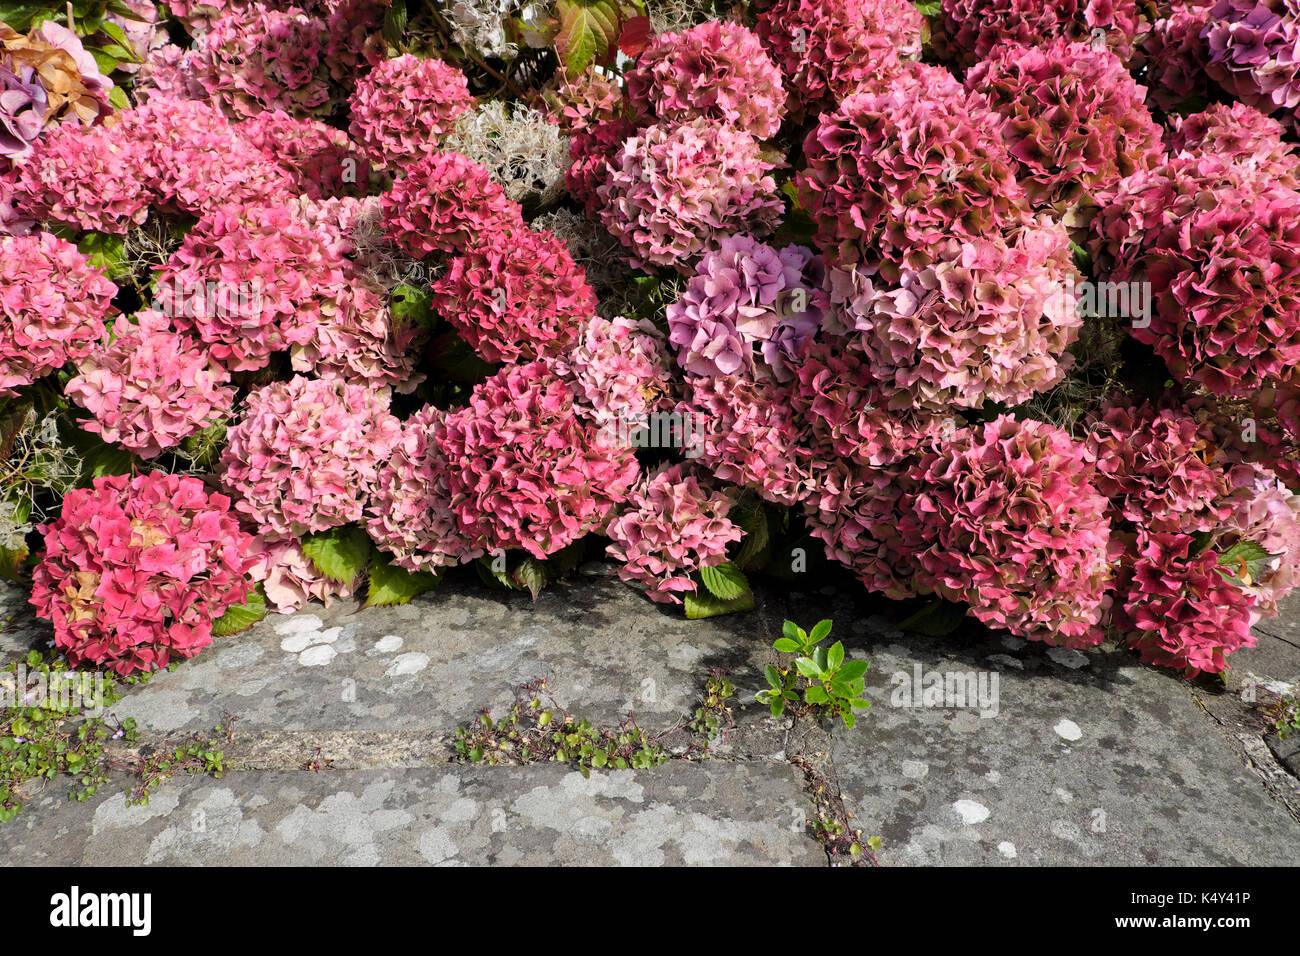 Hydrangea Macrophylla Perennial Flowers In Bloom In August In St